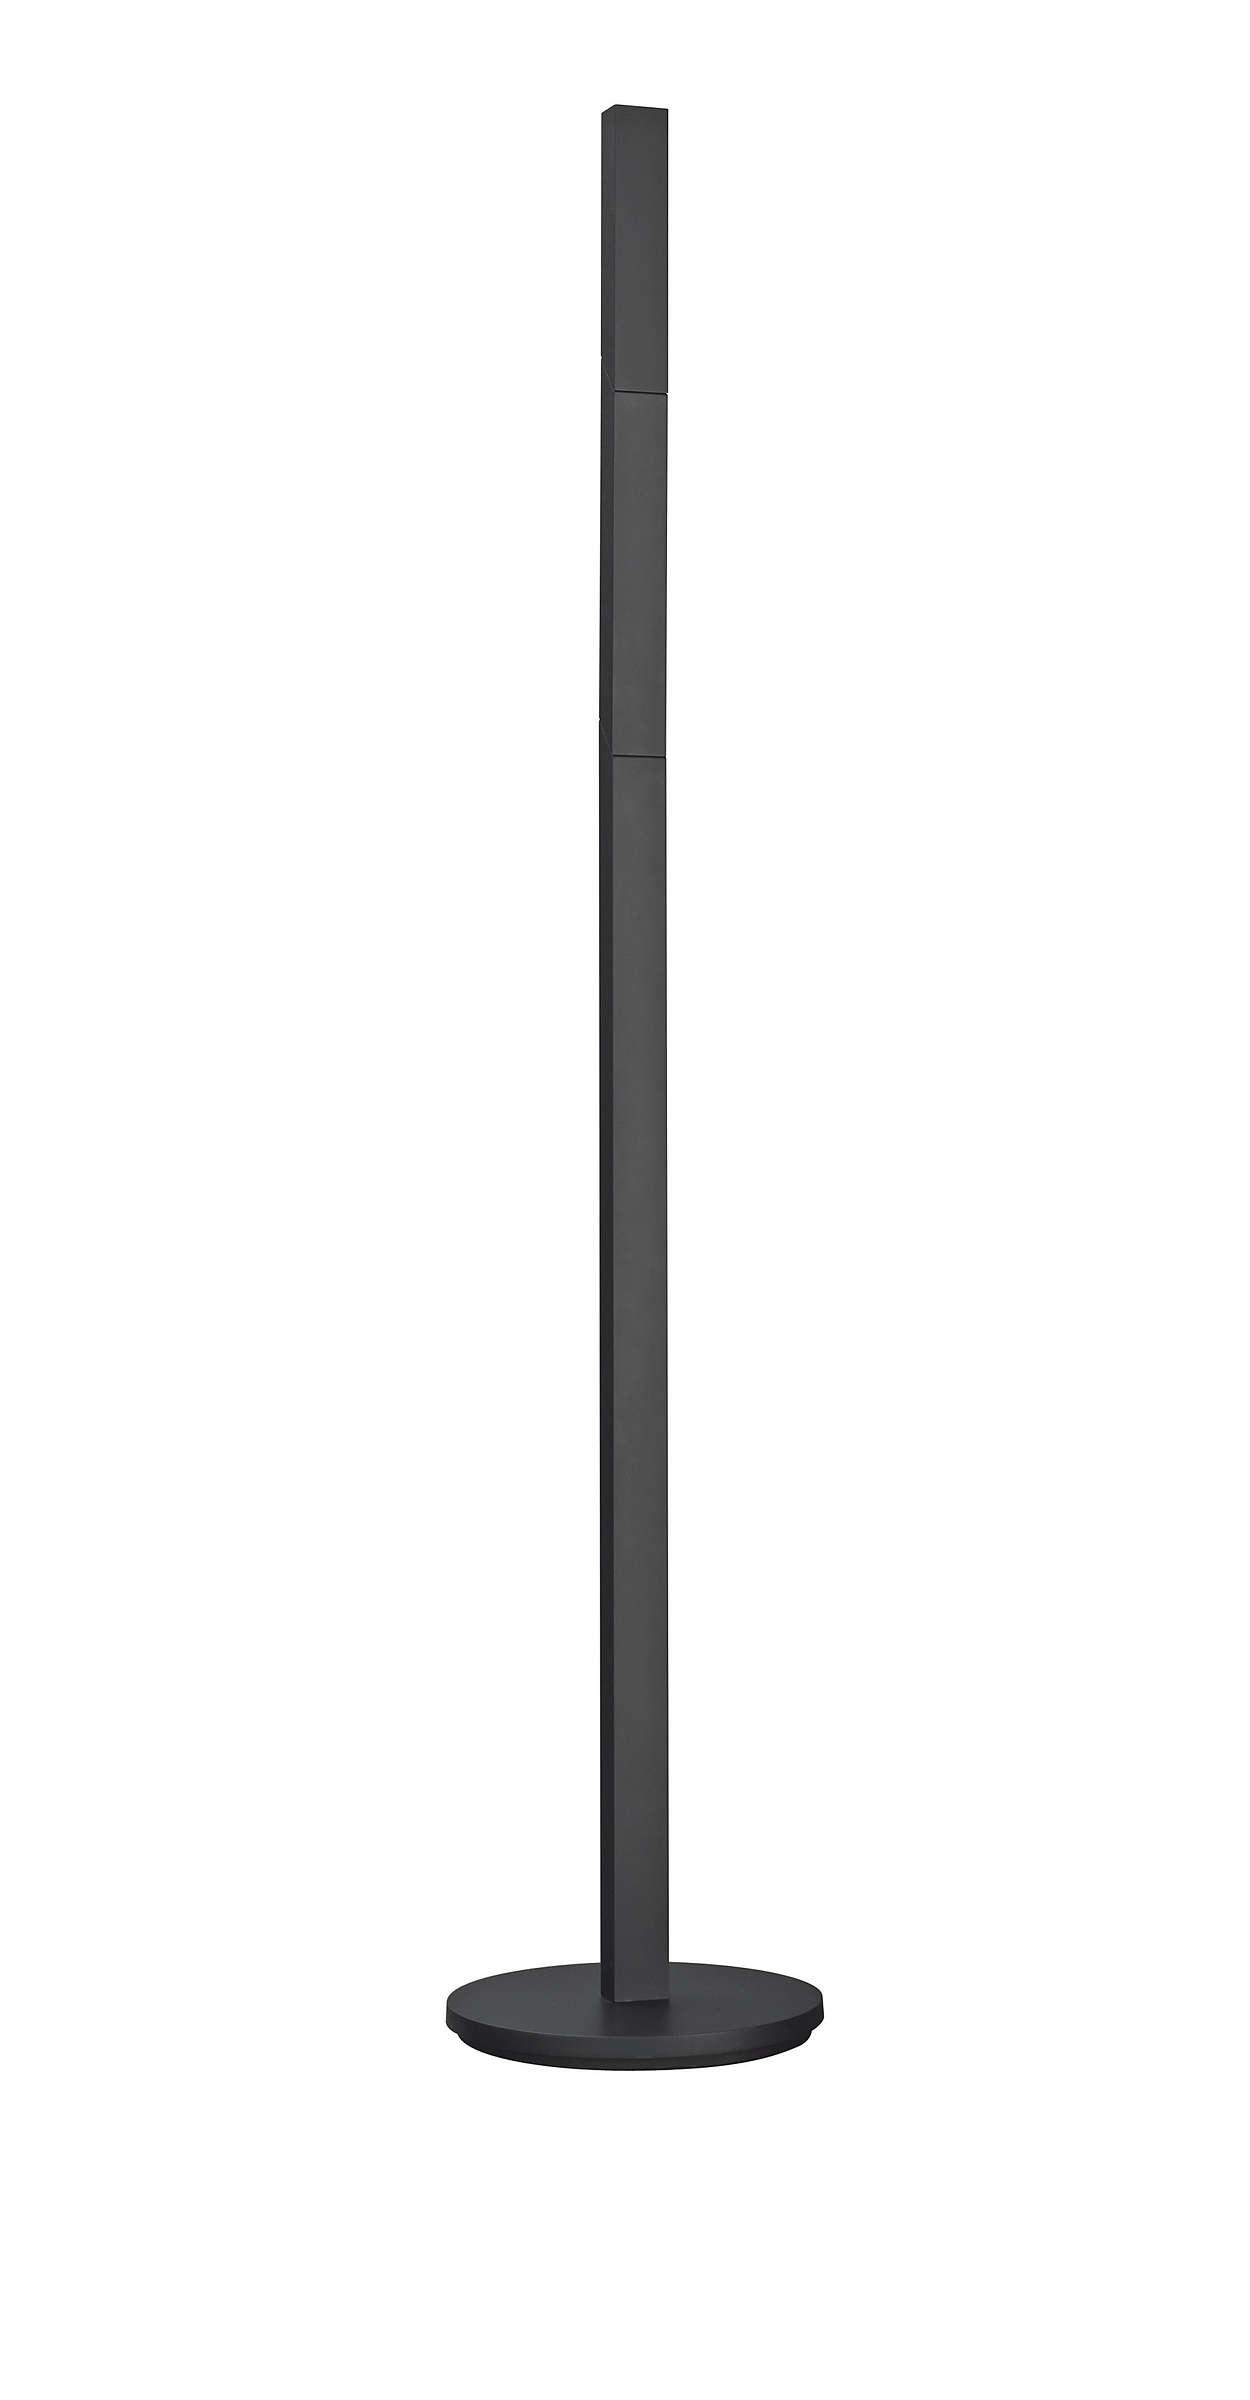 Mit lehet kihozni egy egyenes vonalból?